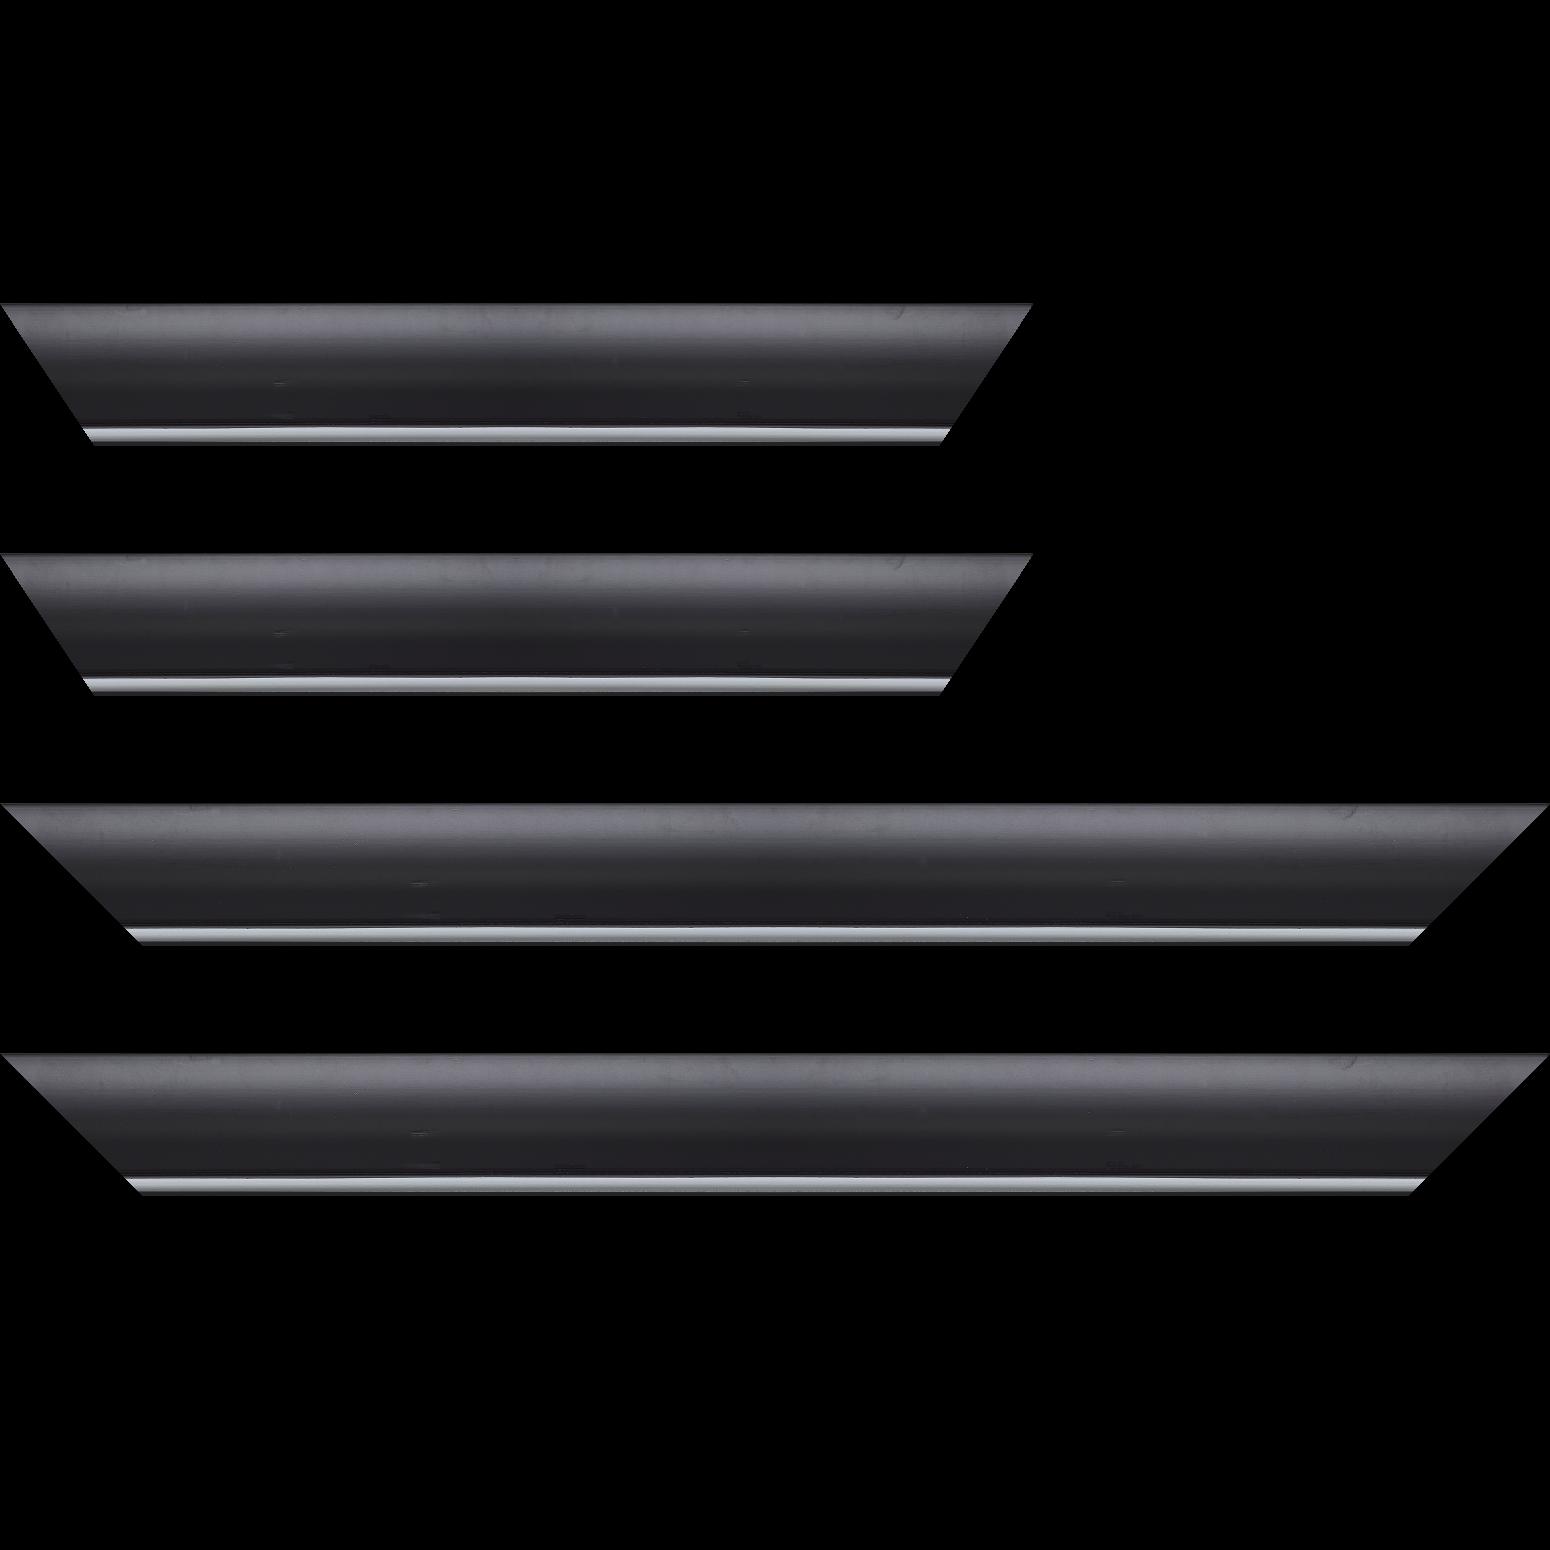 Baguette service précoupé Bois profil arrondi largeur 4.7cm couleur noir mat finition pore bouché filet blanc mat